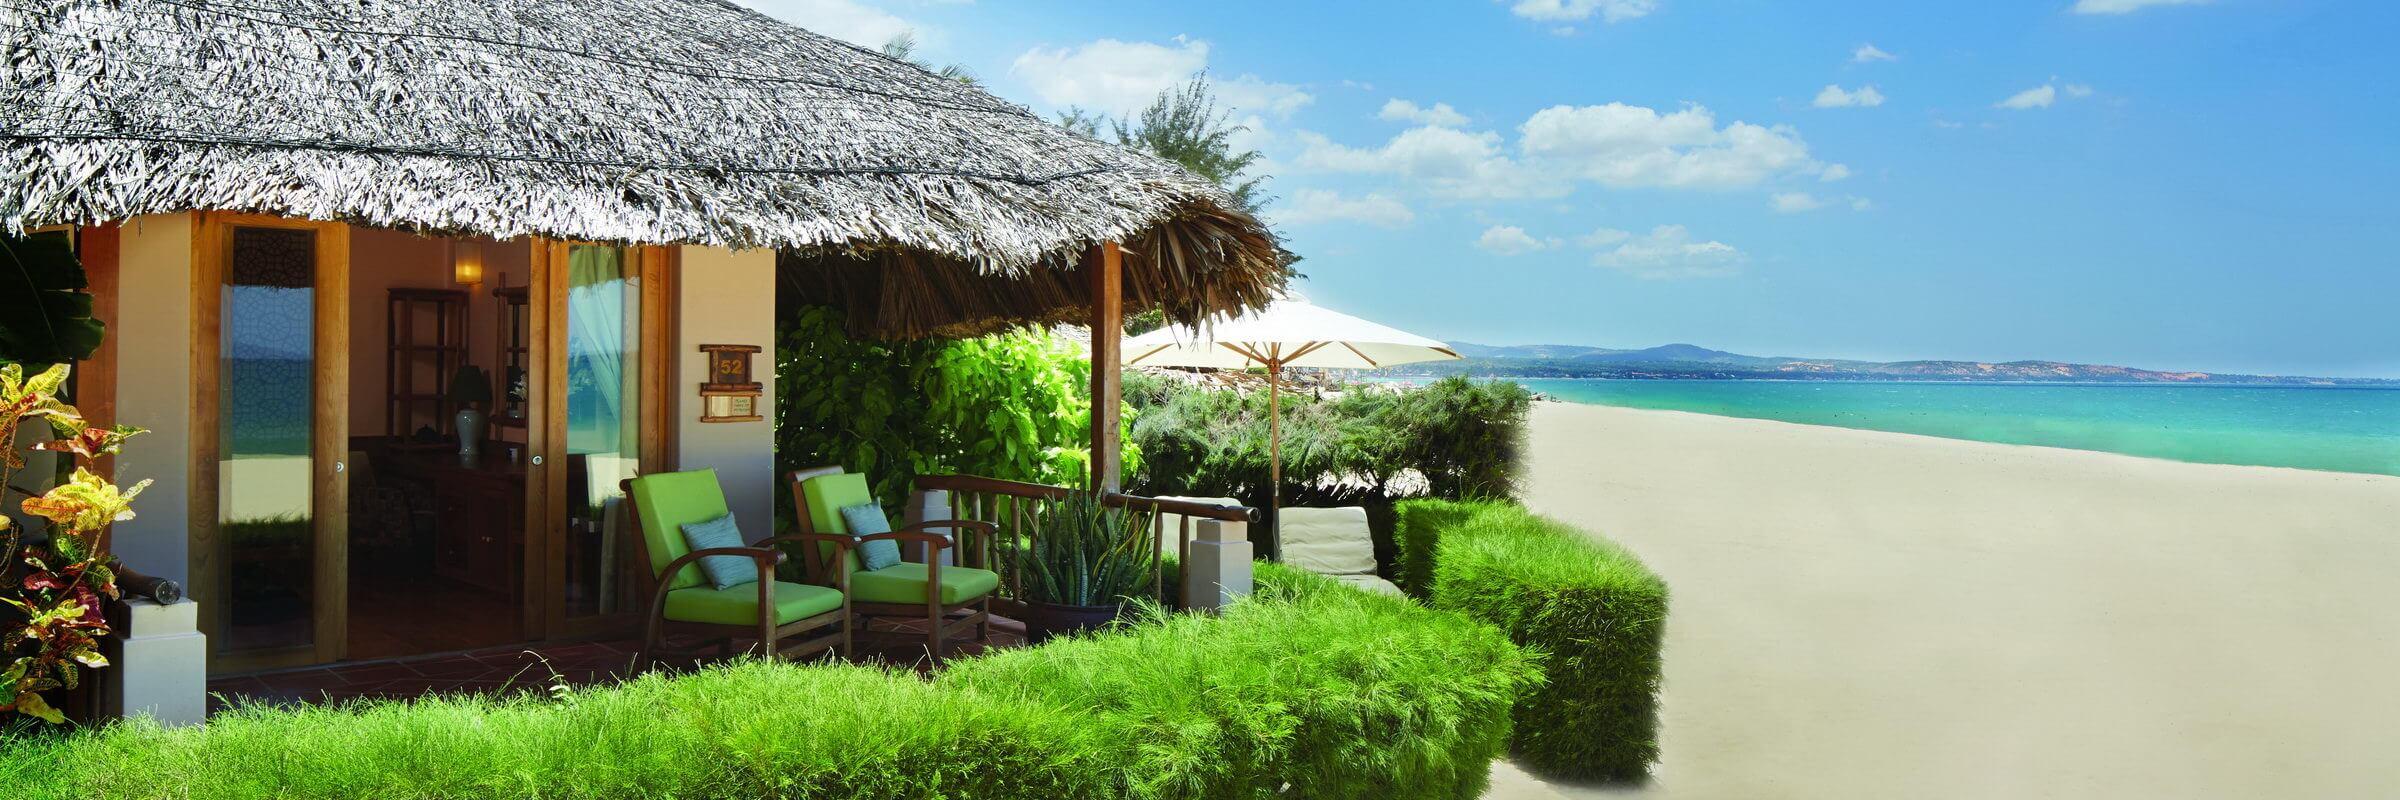 Die Deluxe Beachfront Bungalows verfügen über jeglichen Komfort und liegen direkt am Strand mit ungestörtem Blick auf das Meer.